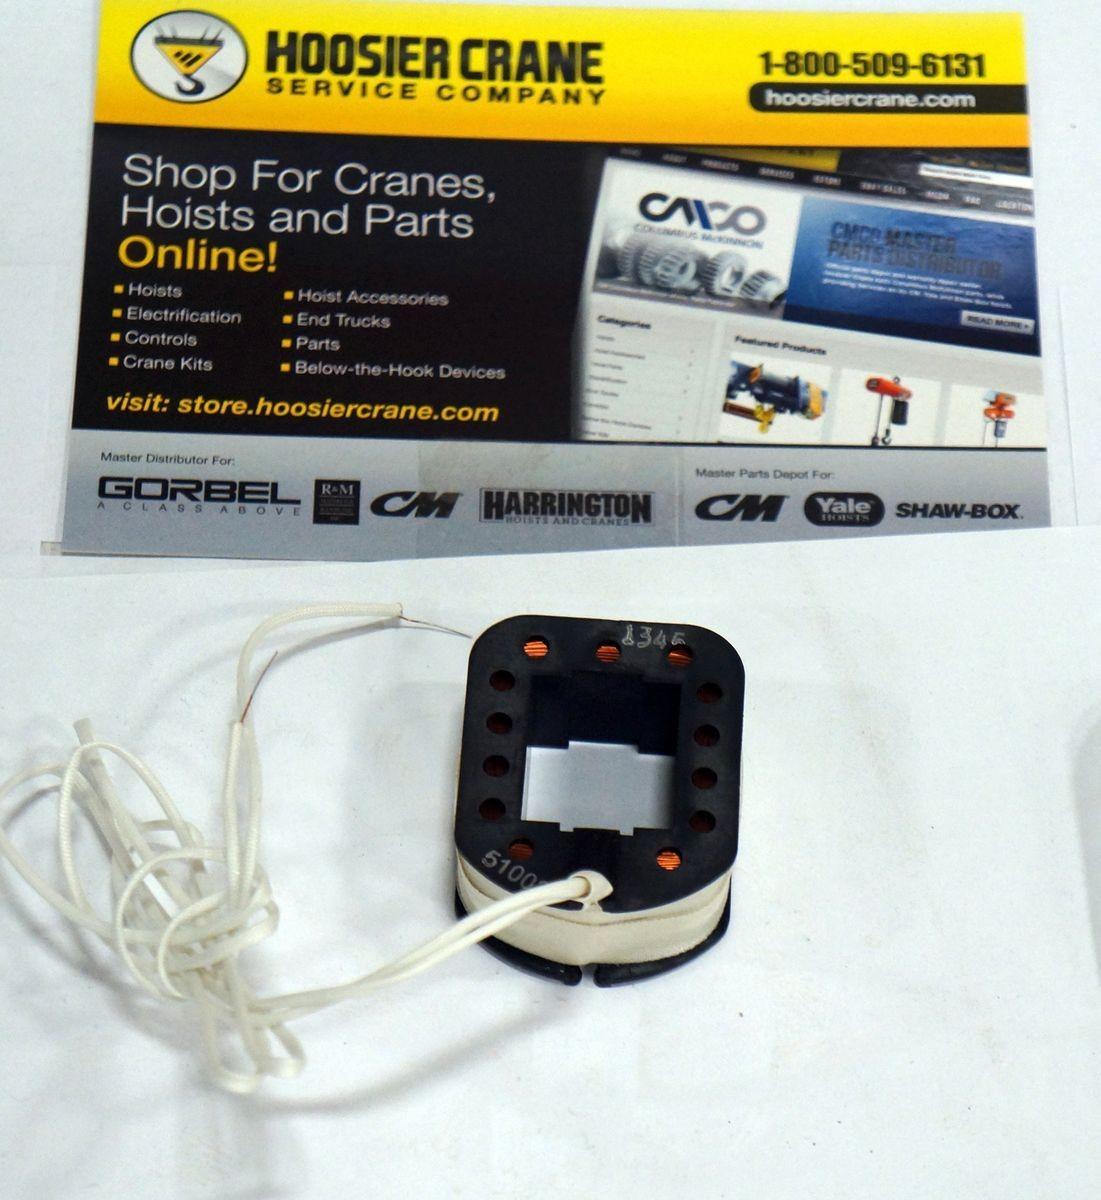 51002 - COIL BRAKE 624-199 230/460V